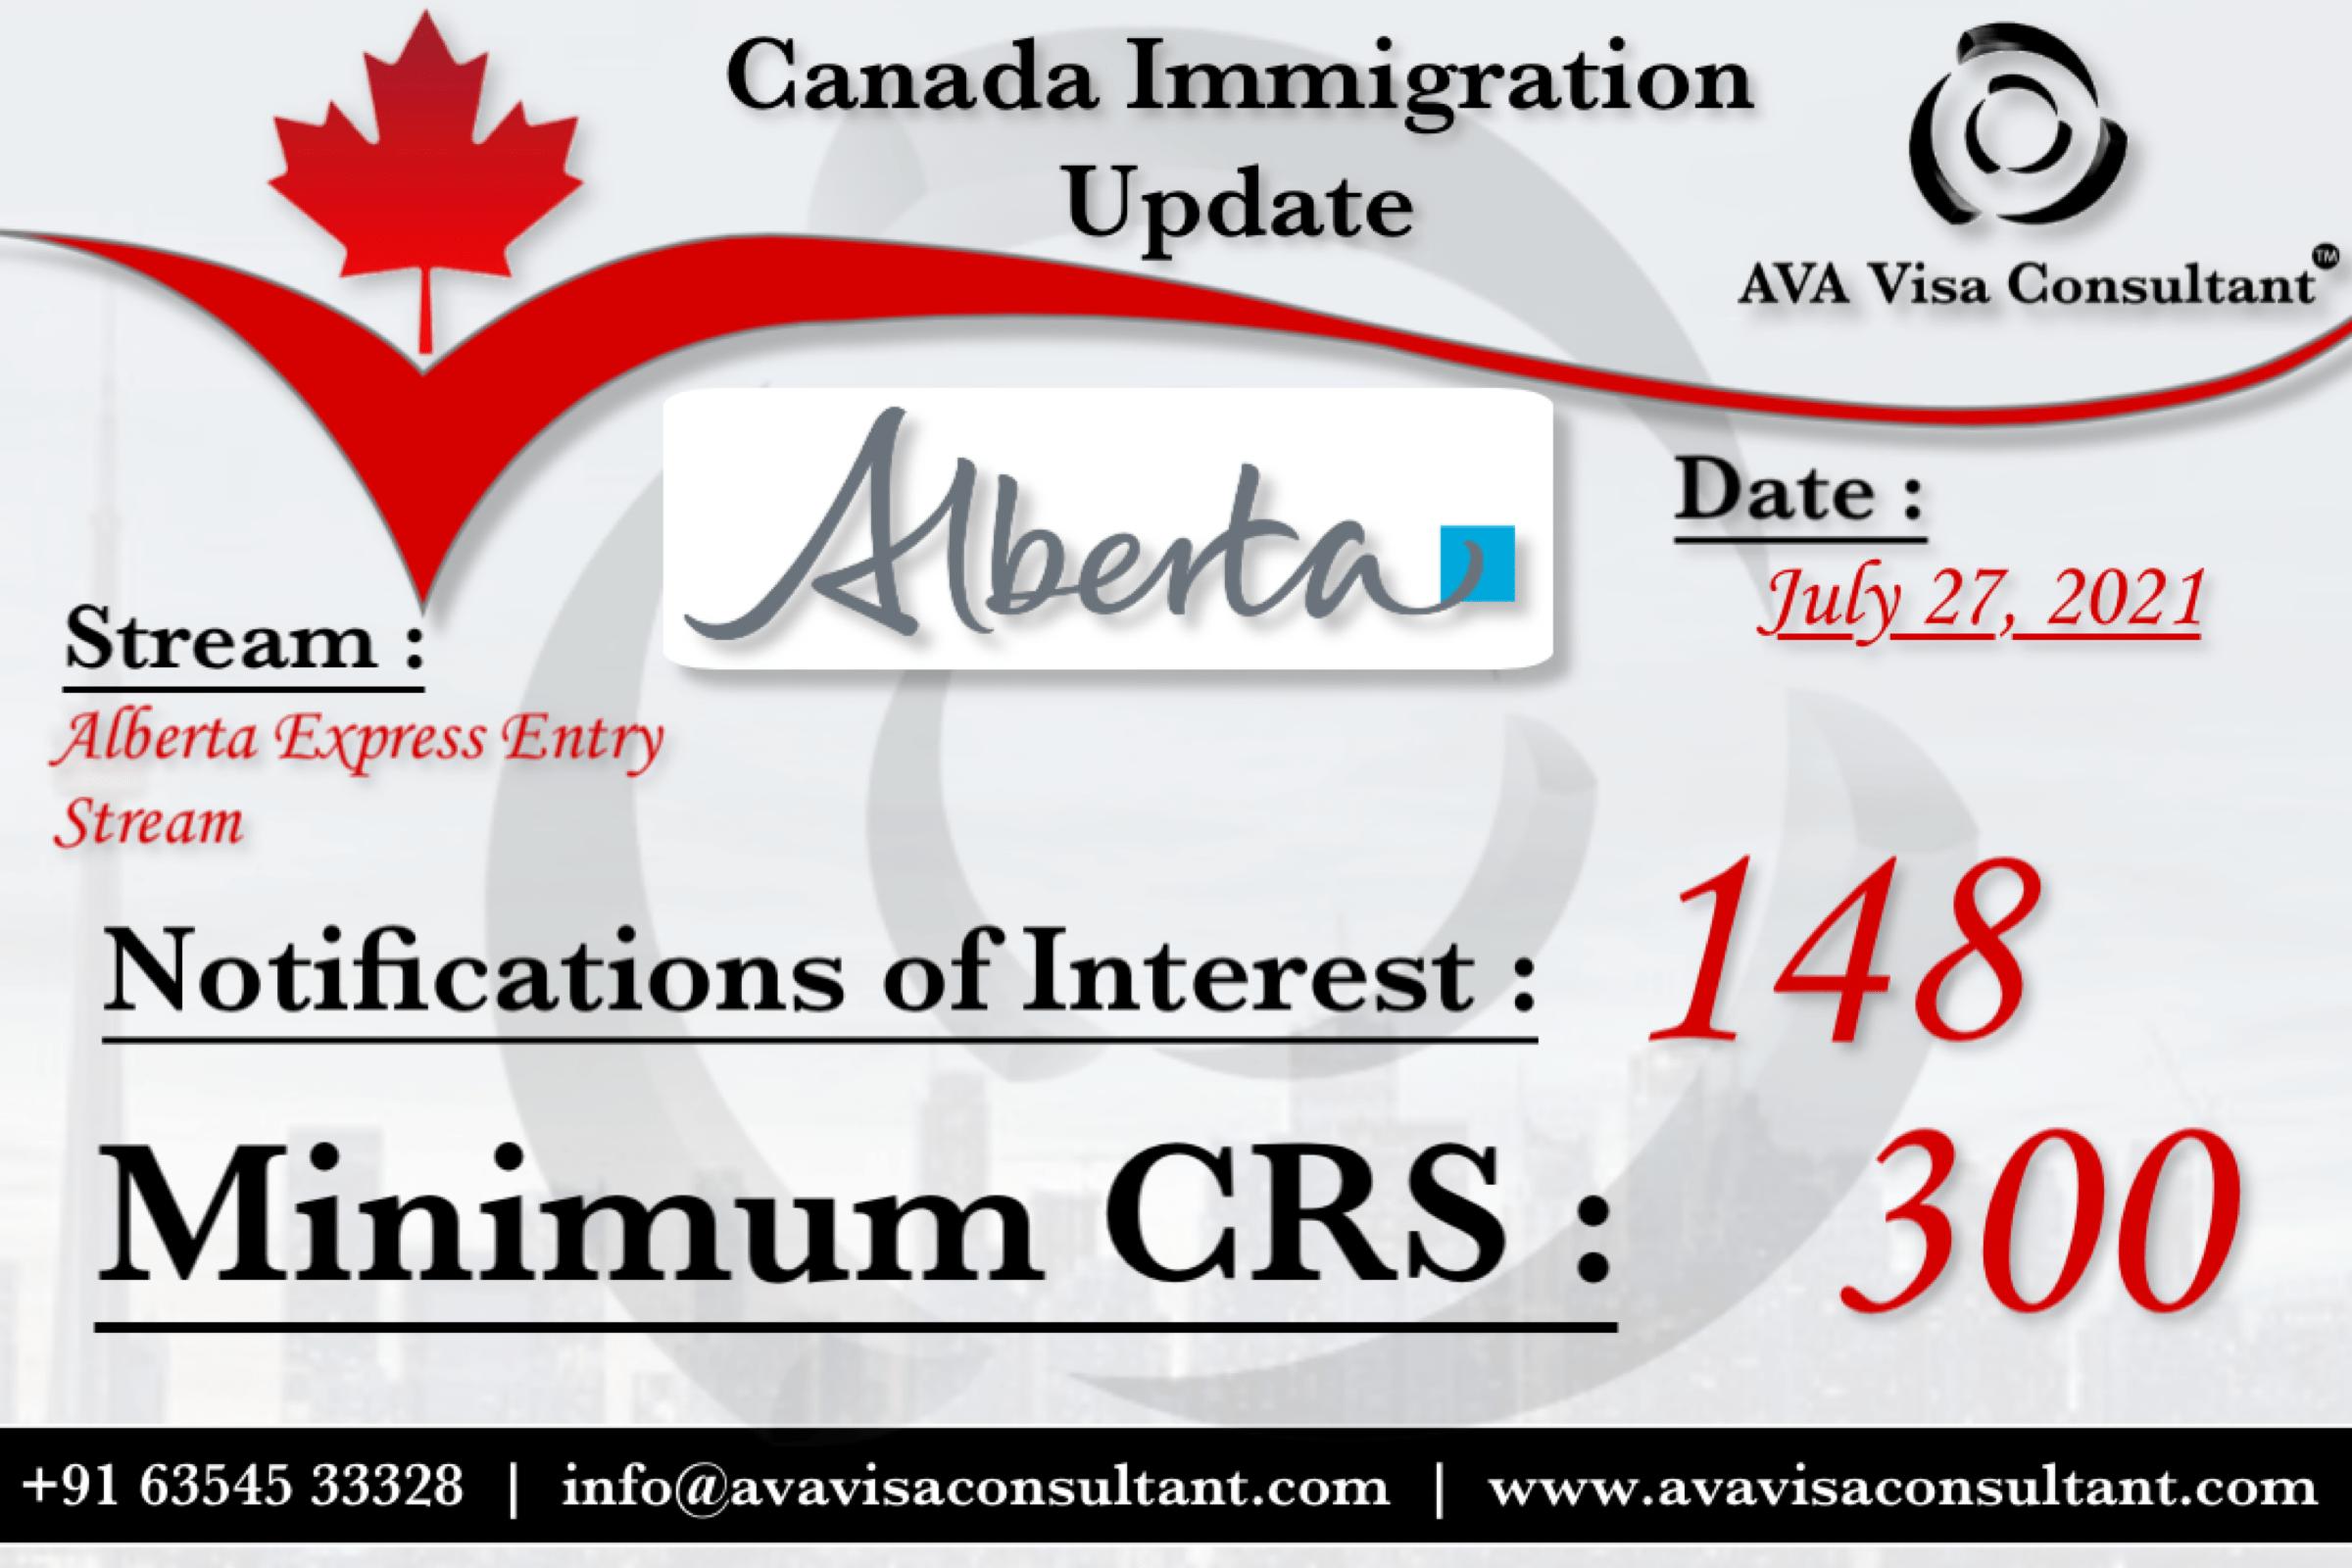 AVA Visa Consultant 2329